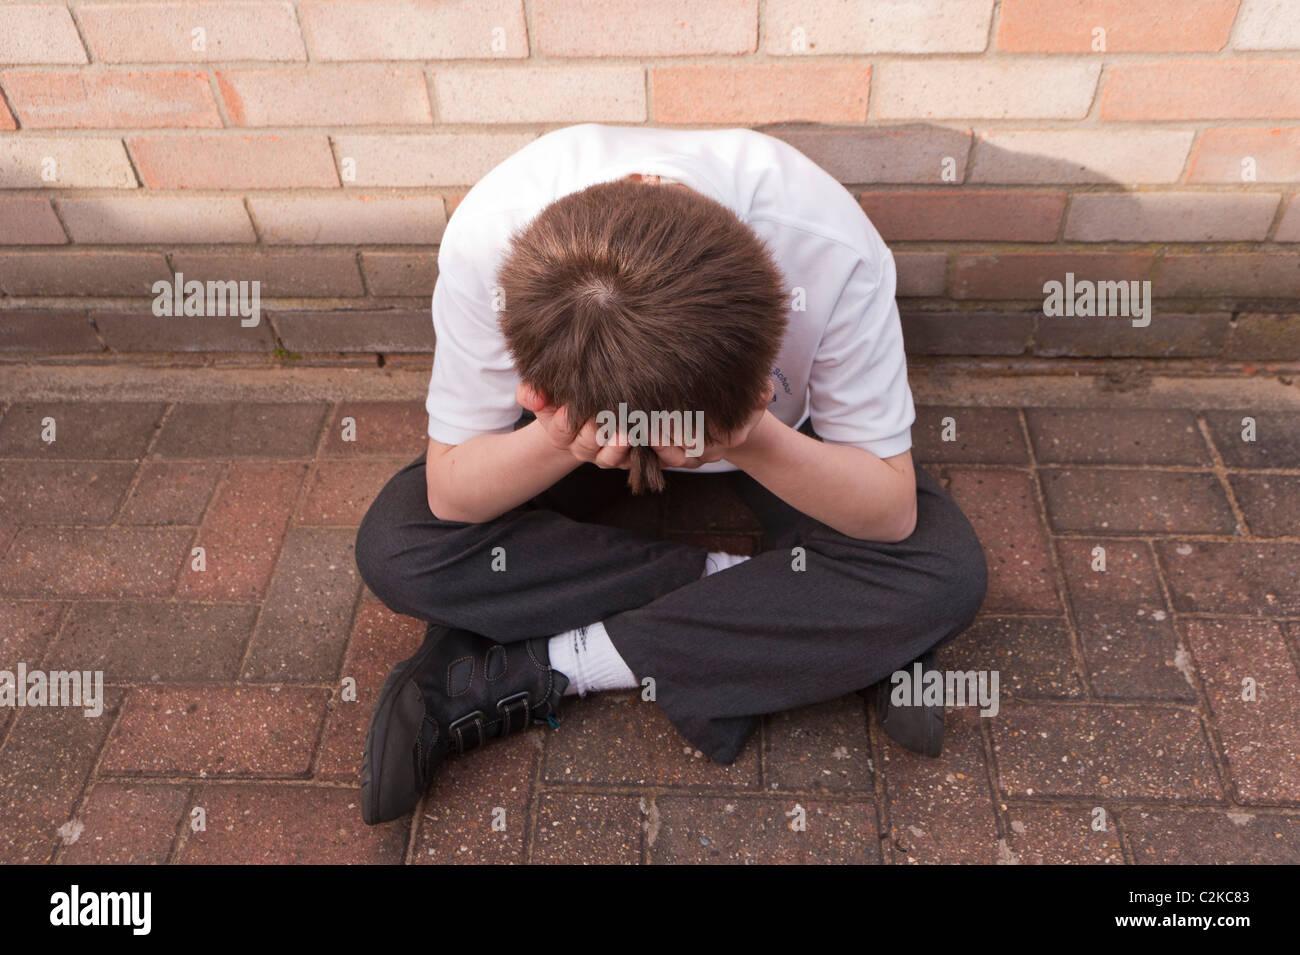 Ein MODEL Release Bild eines elf Jahre alten Jungen auf der Suche deprimiert im Freien tragen seine Schuluniform Stockbild